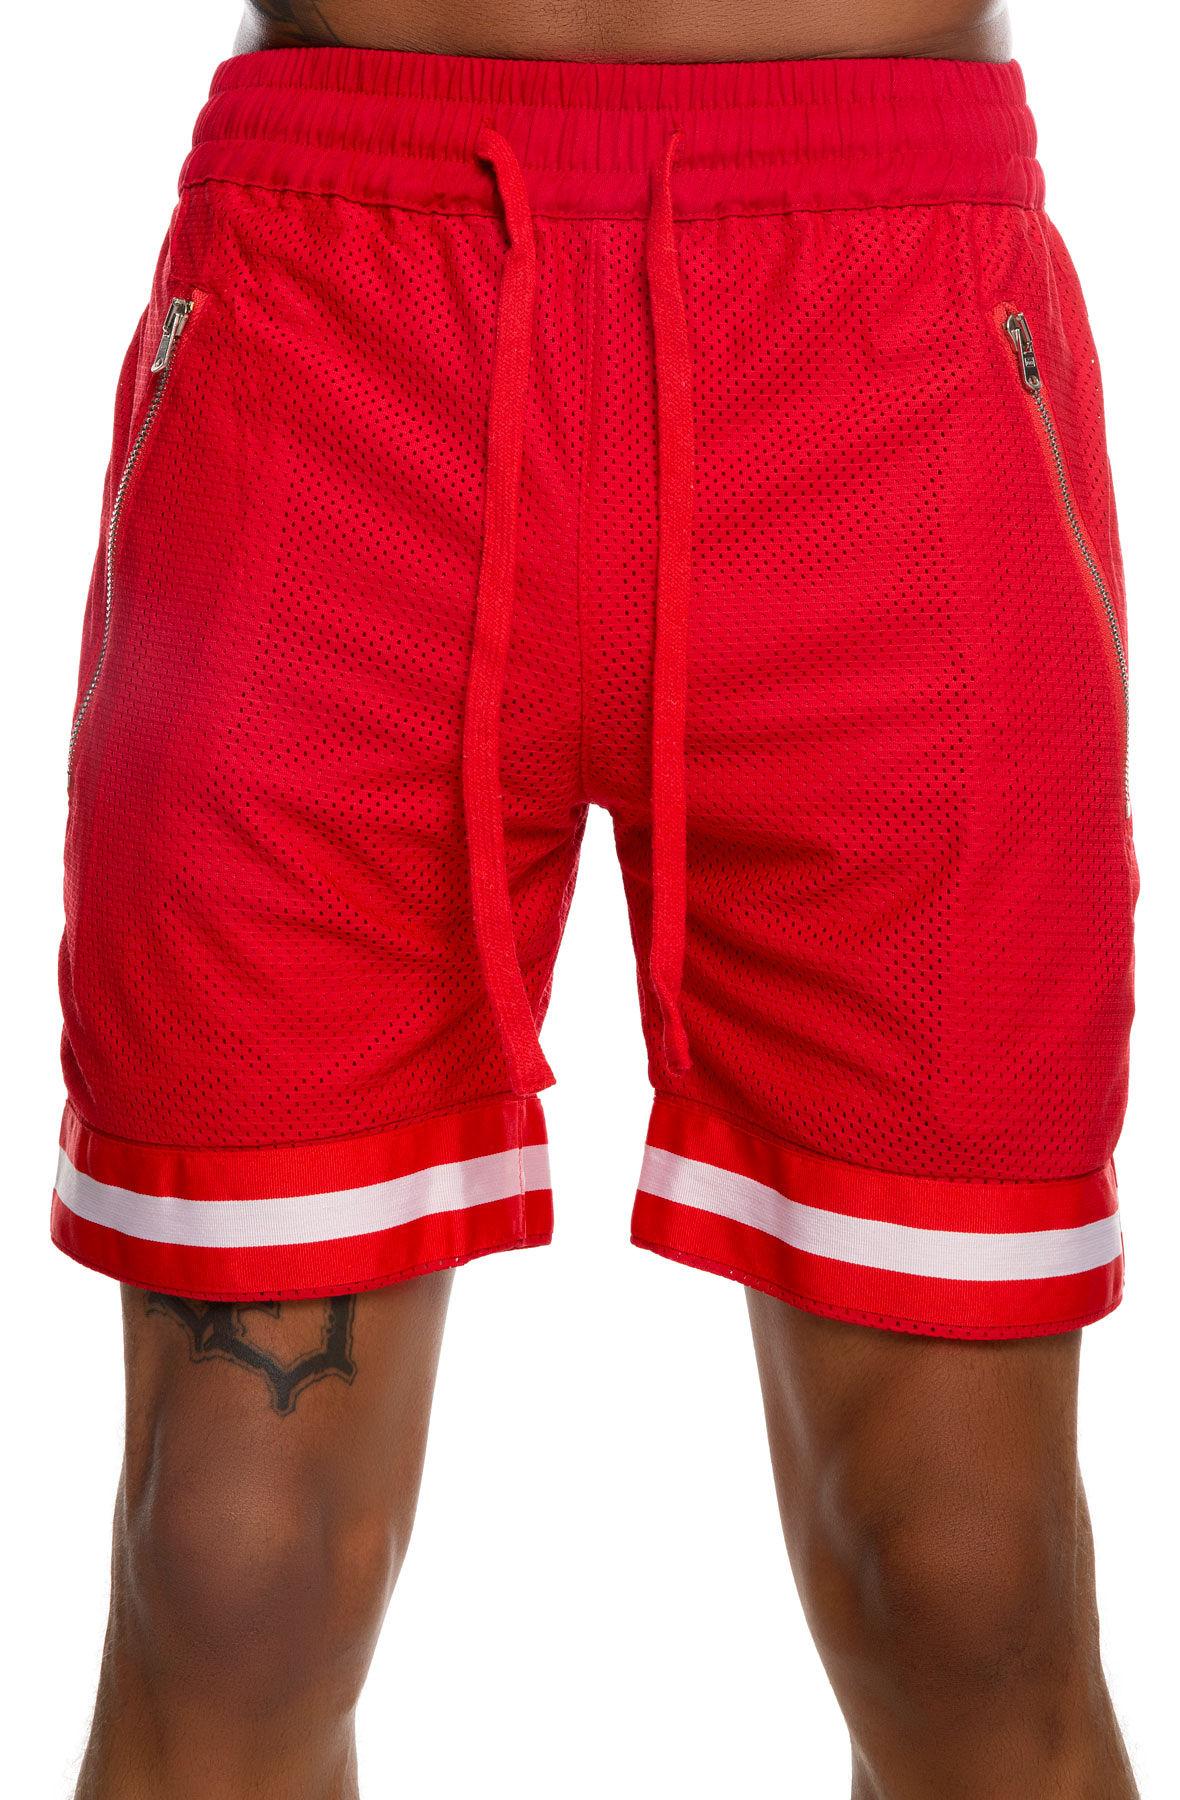 nokwal basketball shorts - red